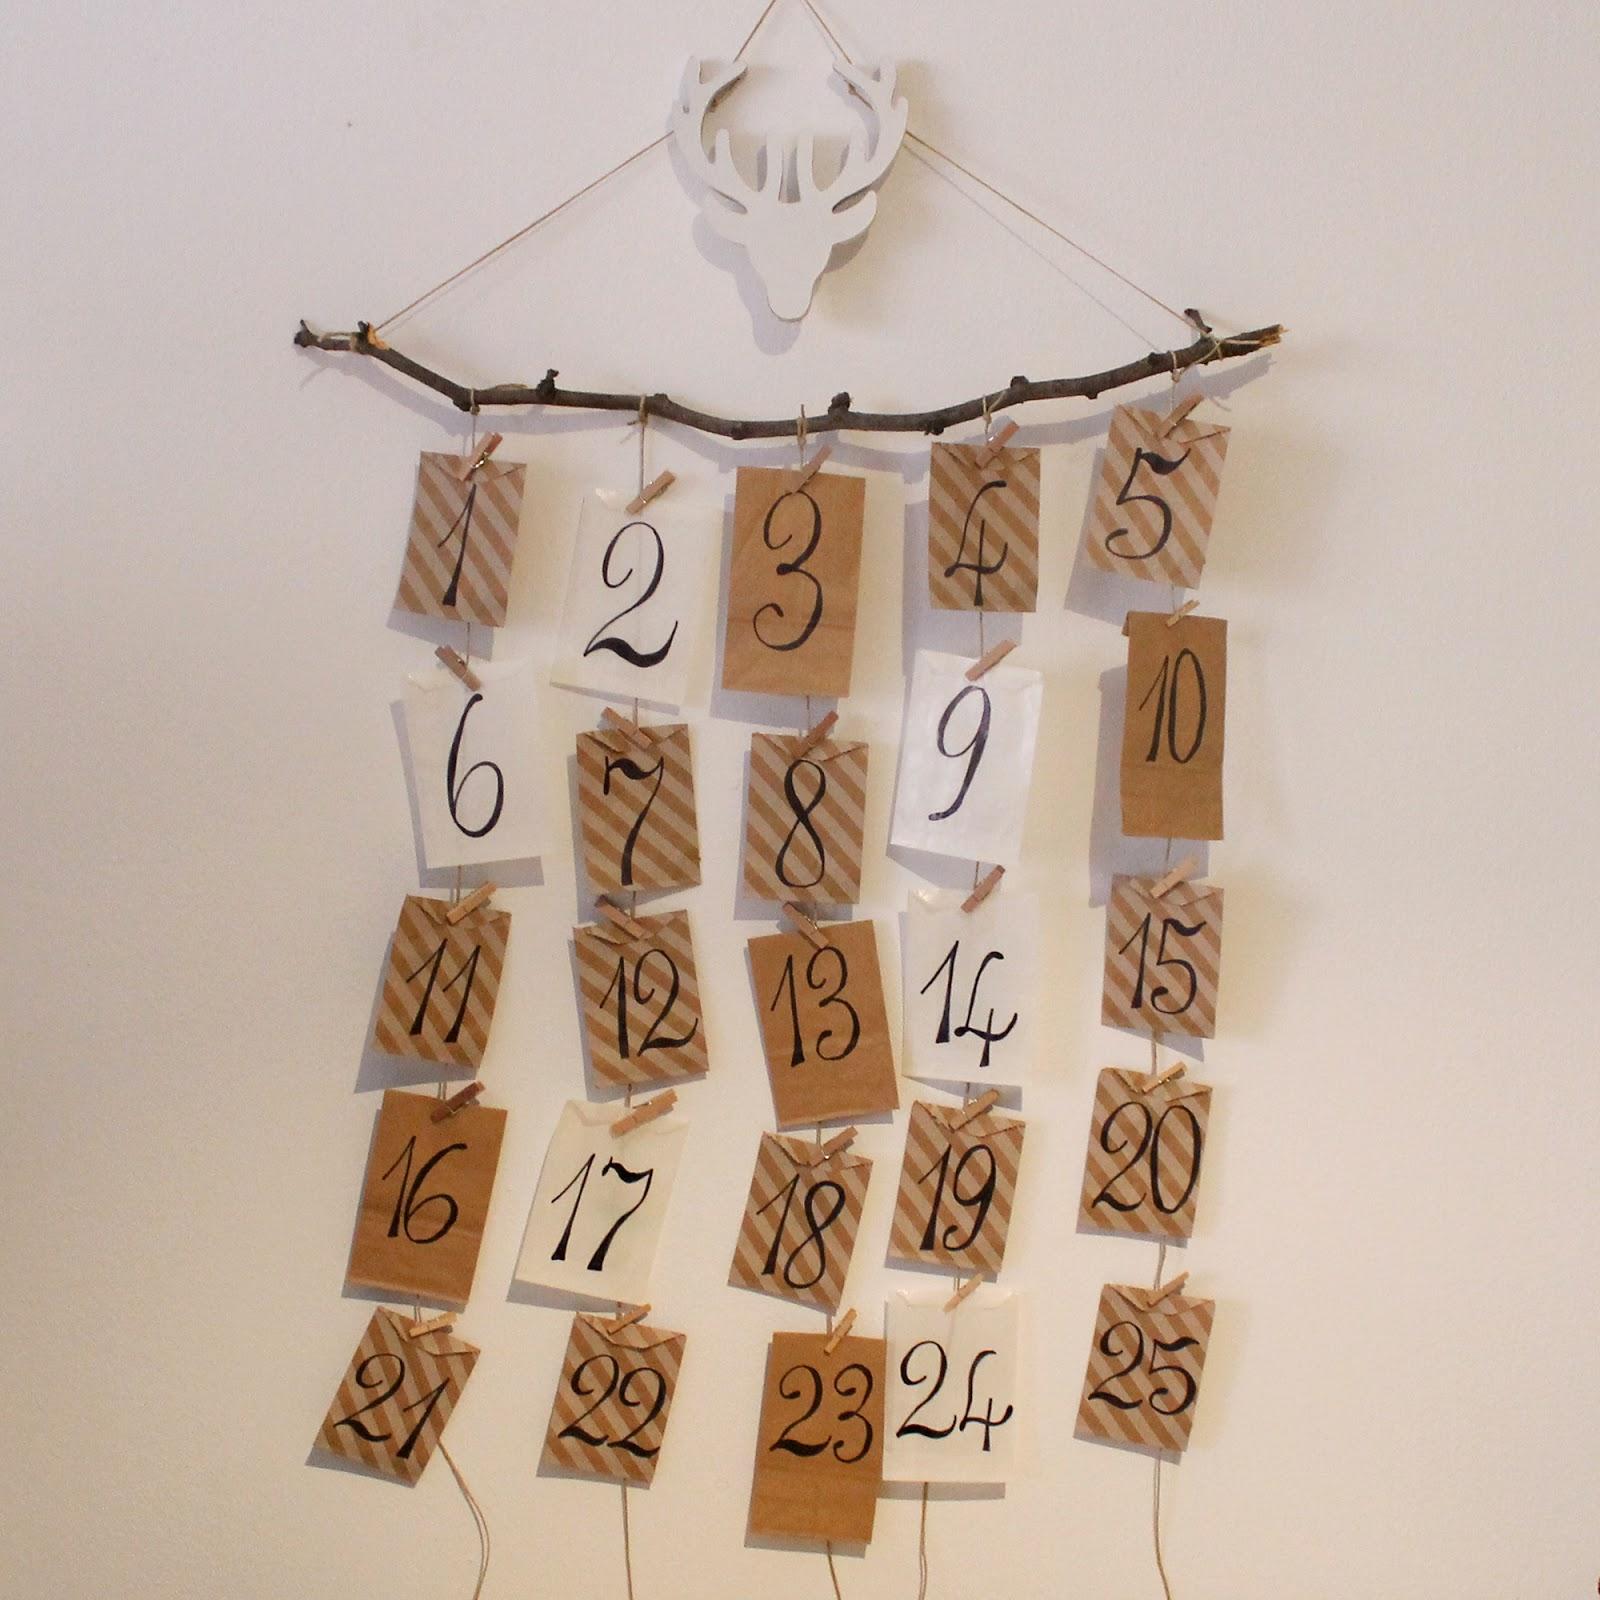 Nina designs parties mi calendario de adviento diy - Calendario de adviento diy ...